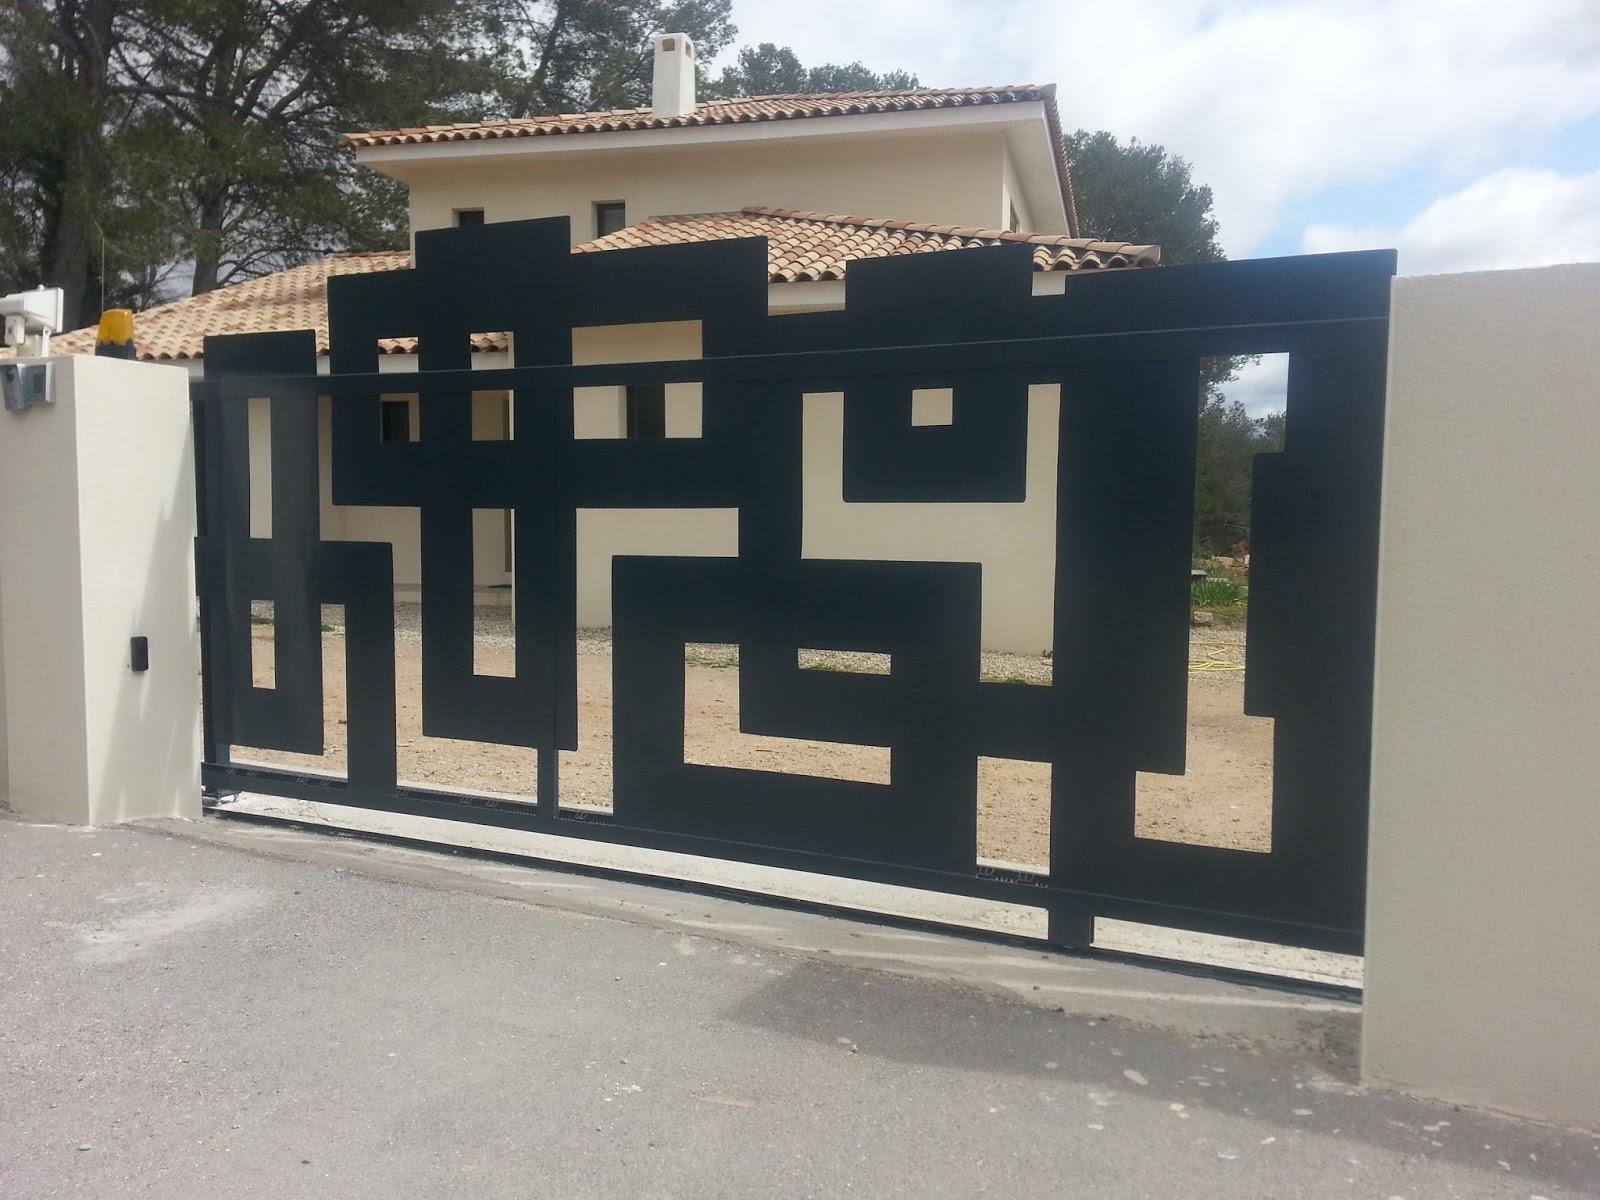 ferraille papillon portail graphique coulissant 2900 fabrication livraison pose. Black Bedroom Furniture Sets. Home Design Ideas